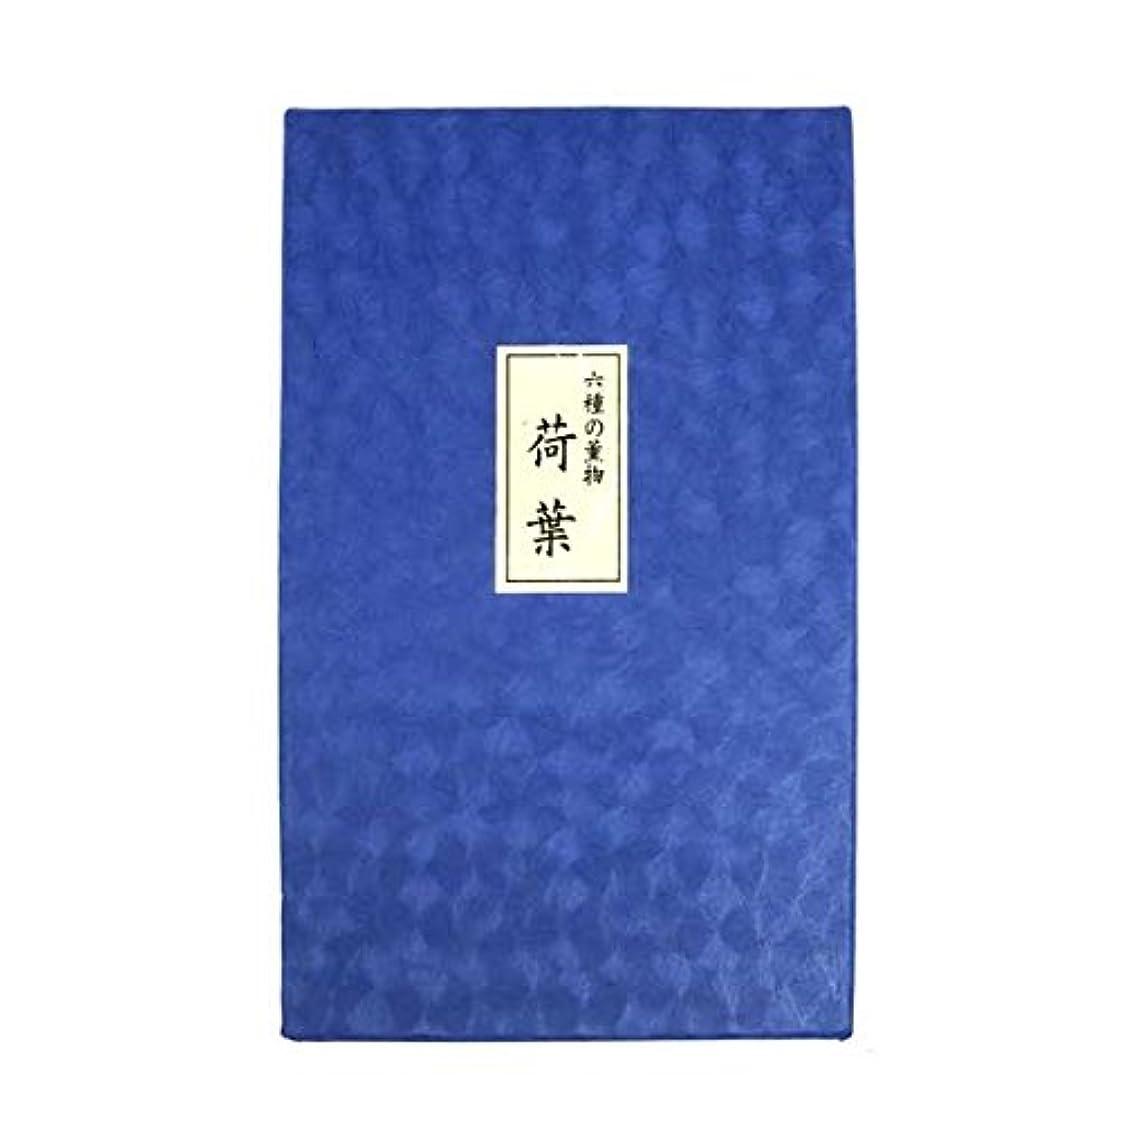 コスチュームピニオン可愛い六種の薫物 荷葉 貝入畳紙包 紙箱入